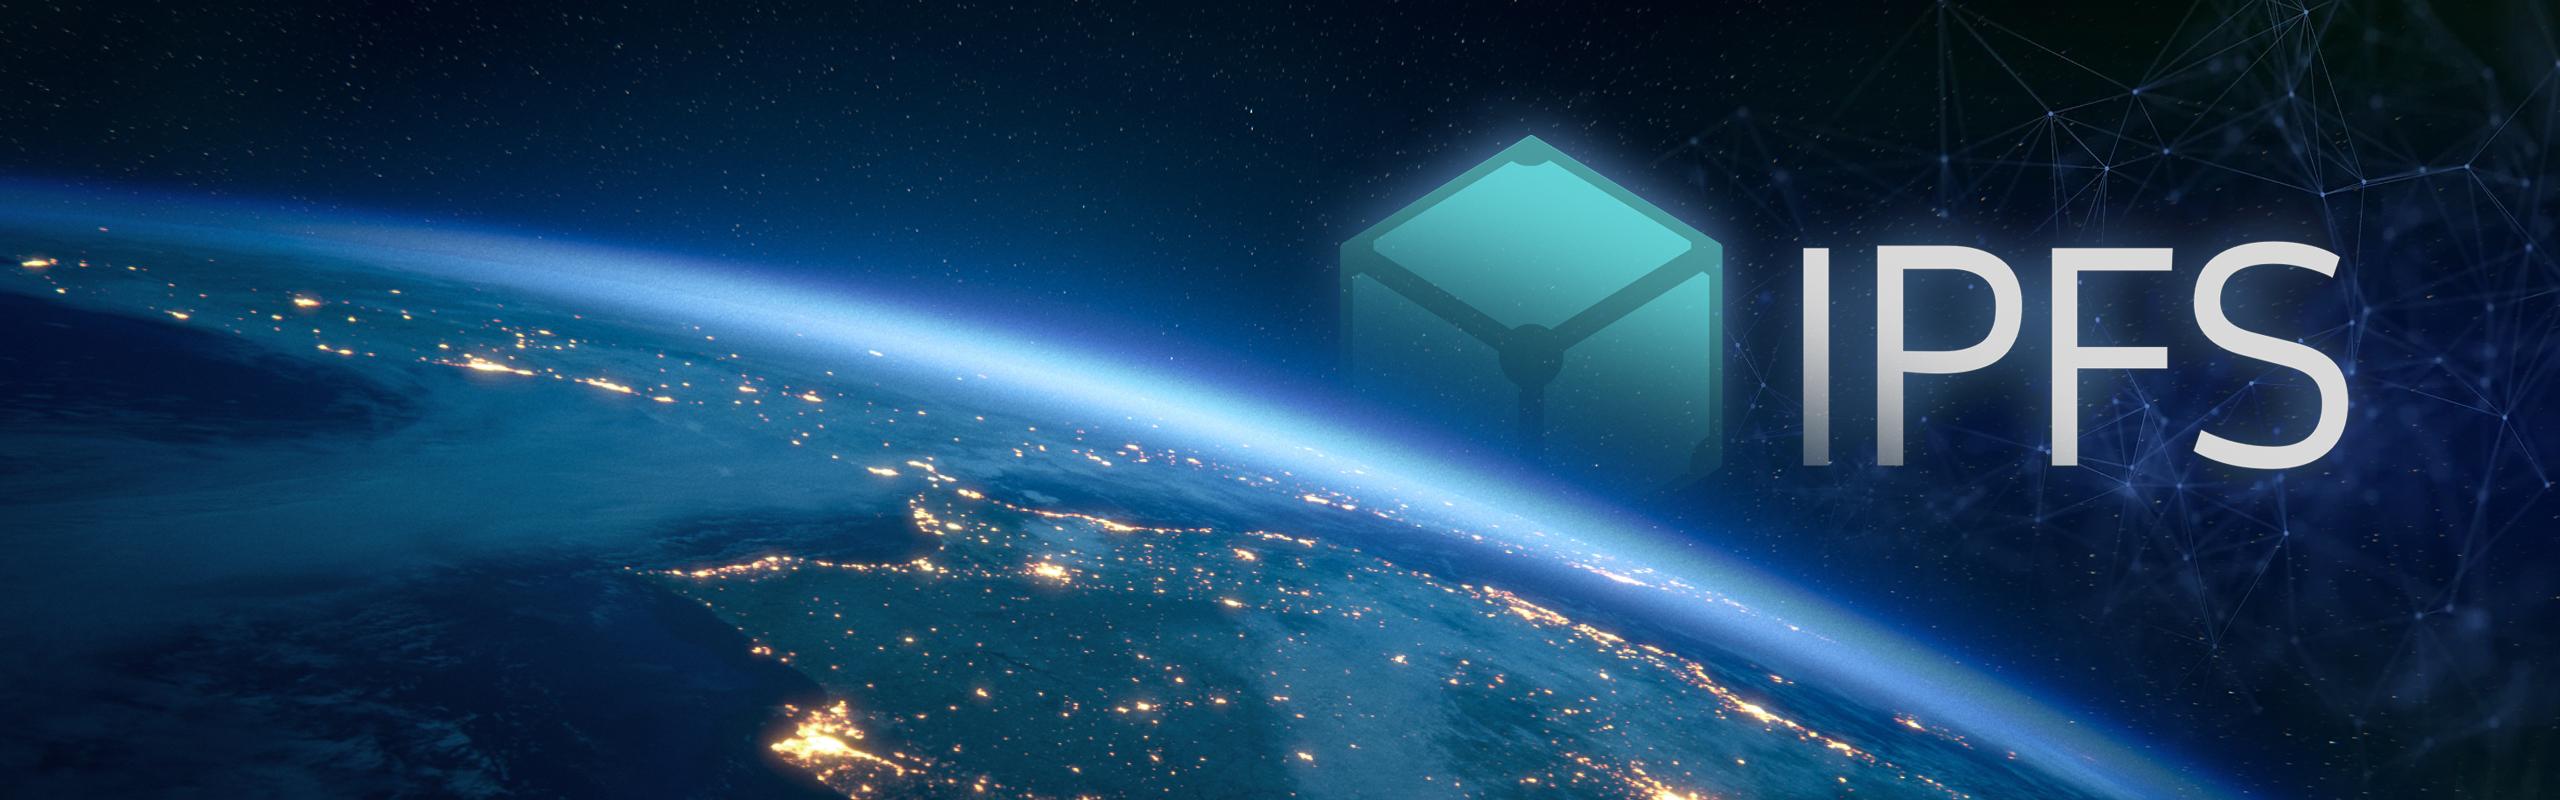 Het Interplanetary File System - Achtergrond - Tweakers